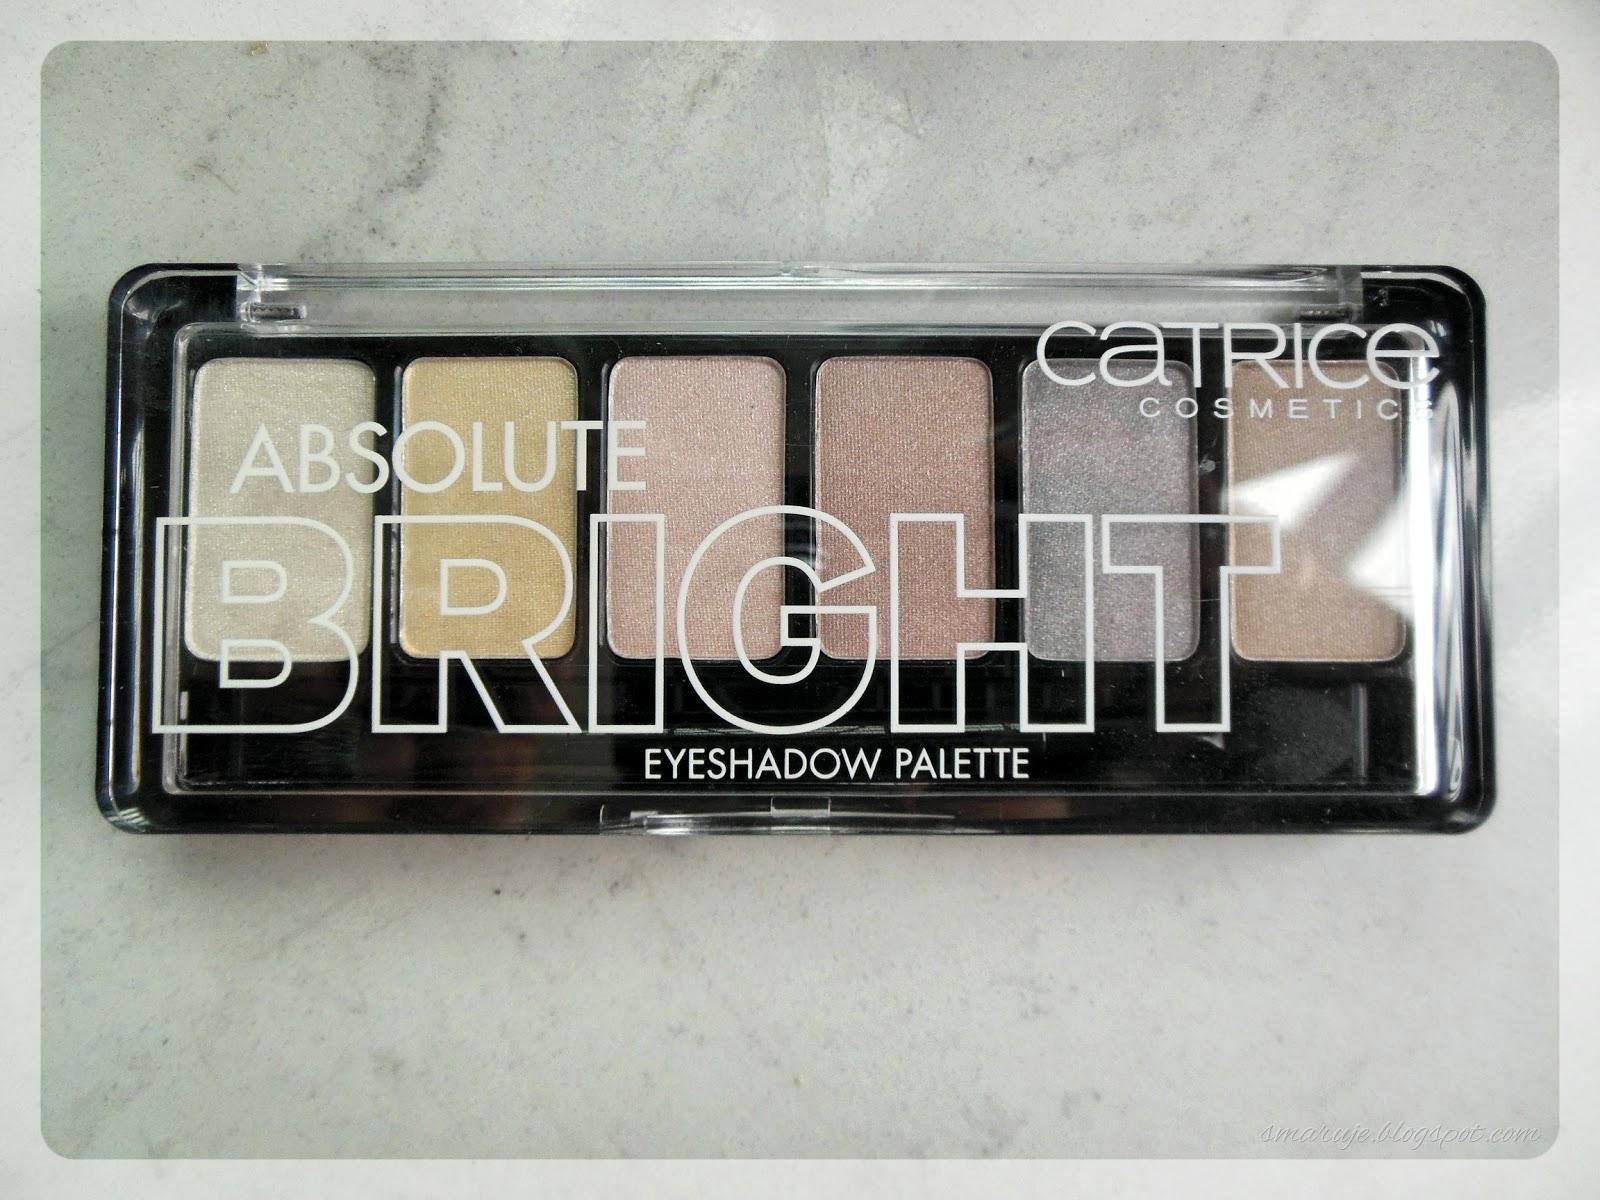 Catrice –Absolute Bright, czyli paleta absolutnie nieciekawa